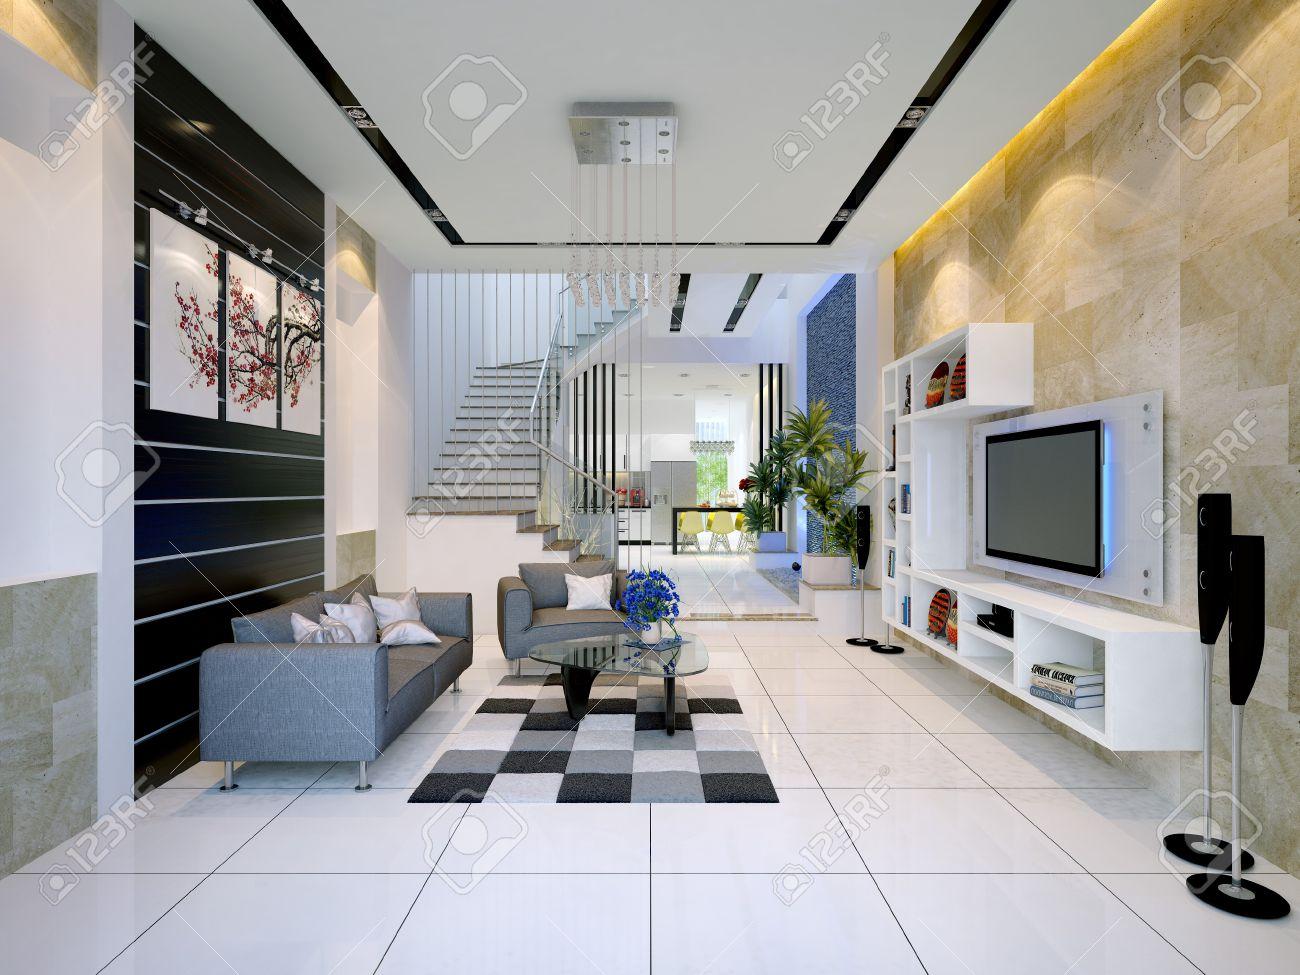 Intérieur D\'une Maison Moderne Avec Salon Et Salle à Manger Banque D ...